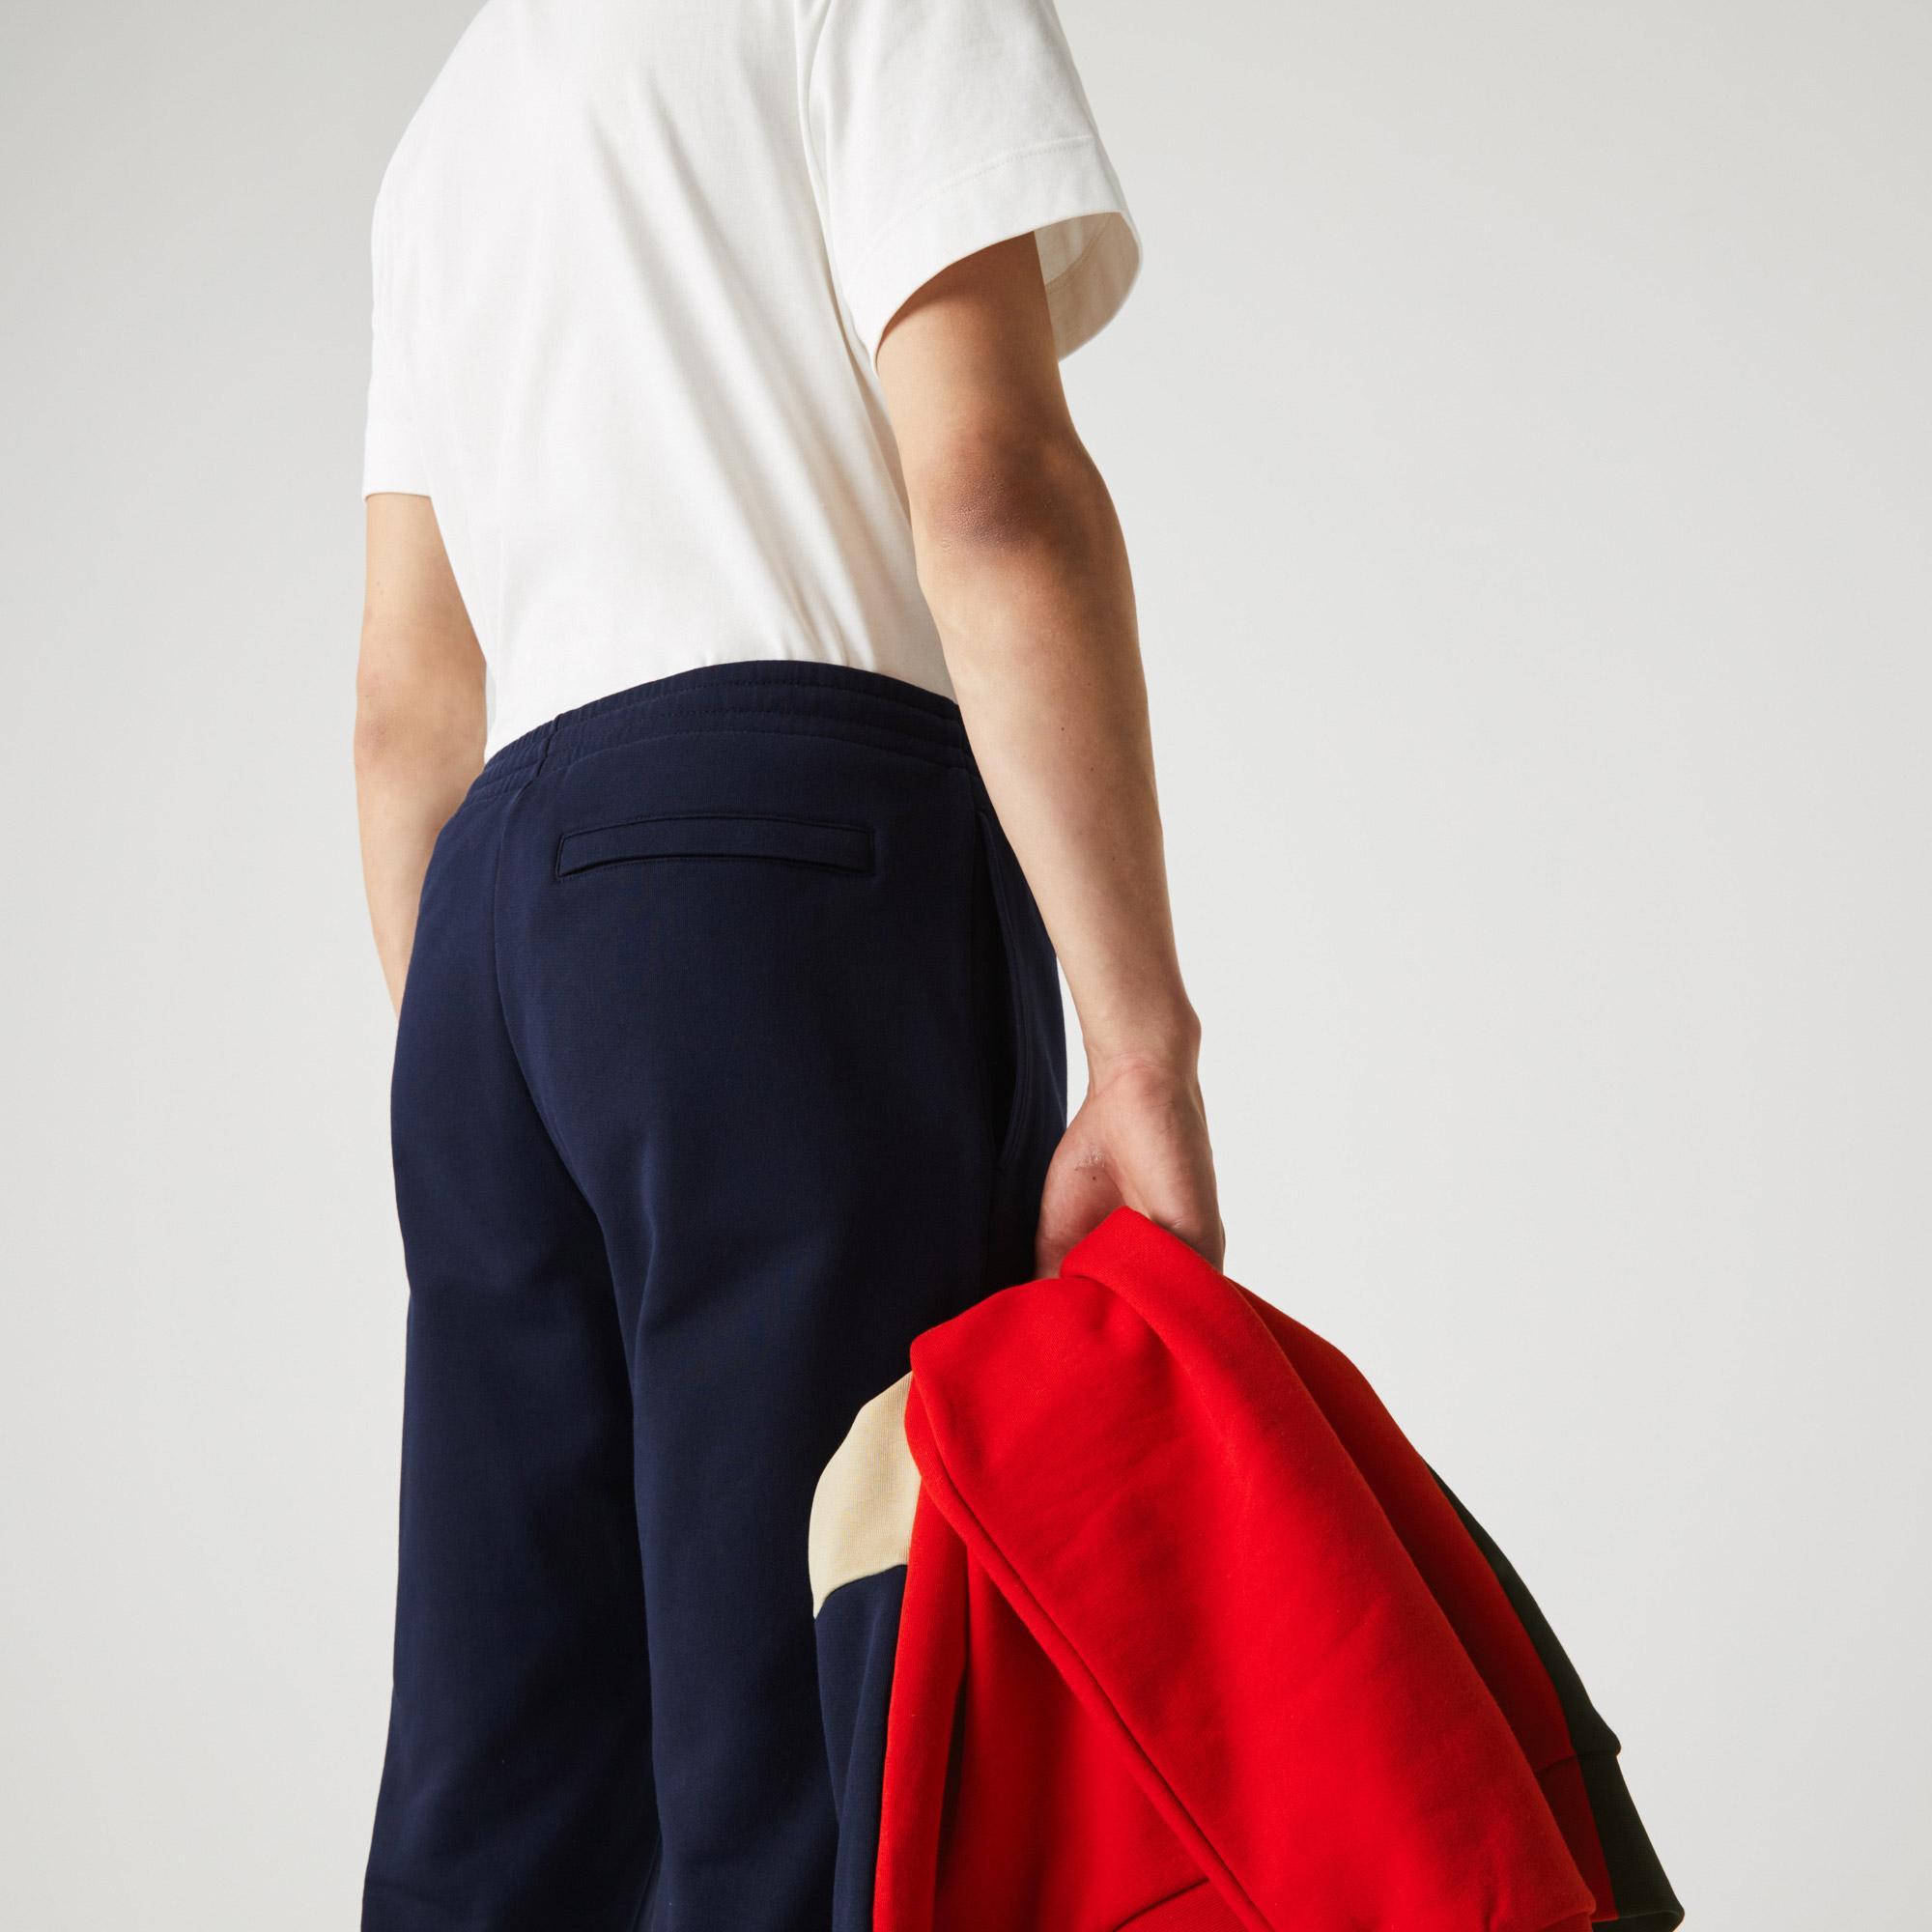 Lacoste костюм спортивний чоловічий на блискавці